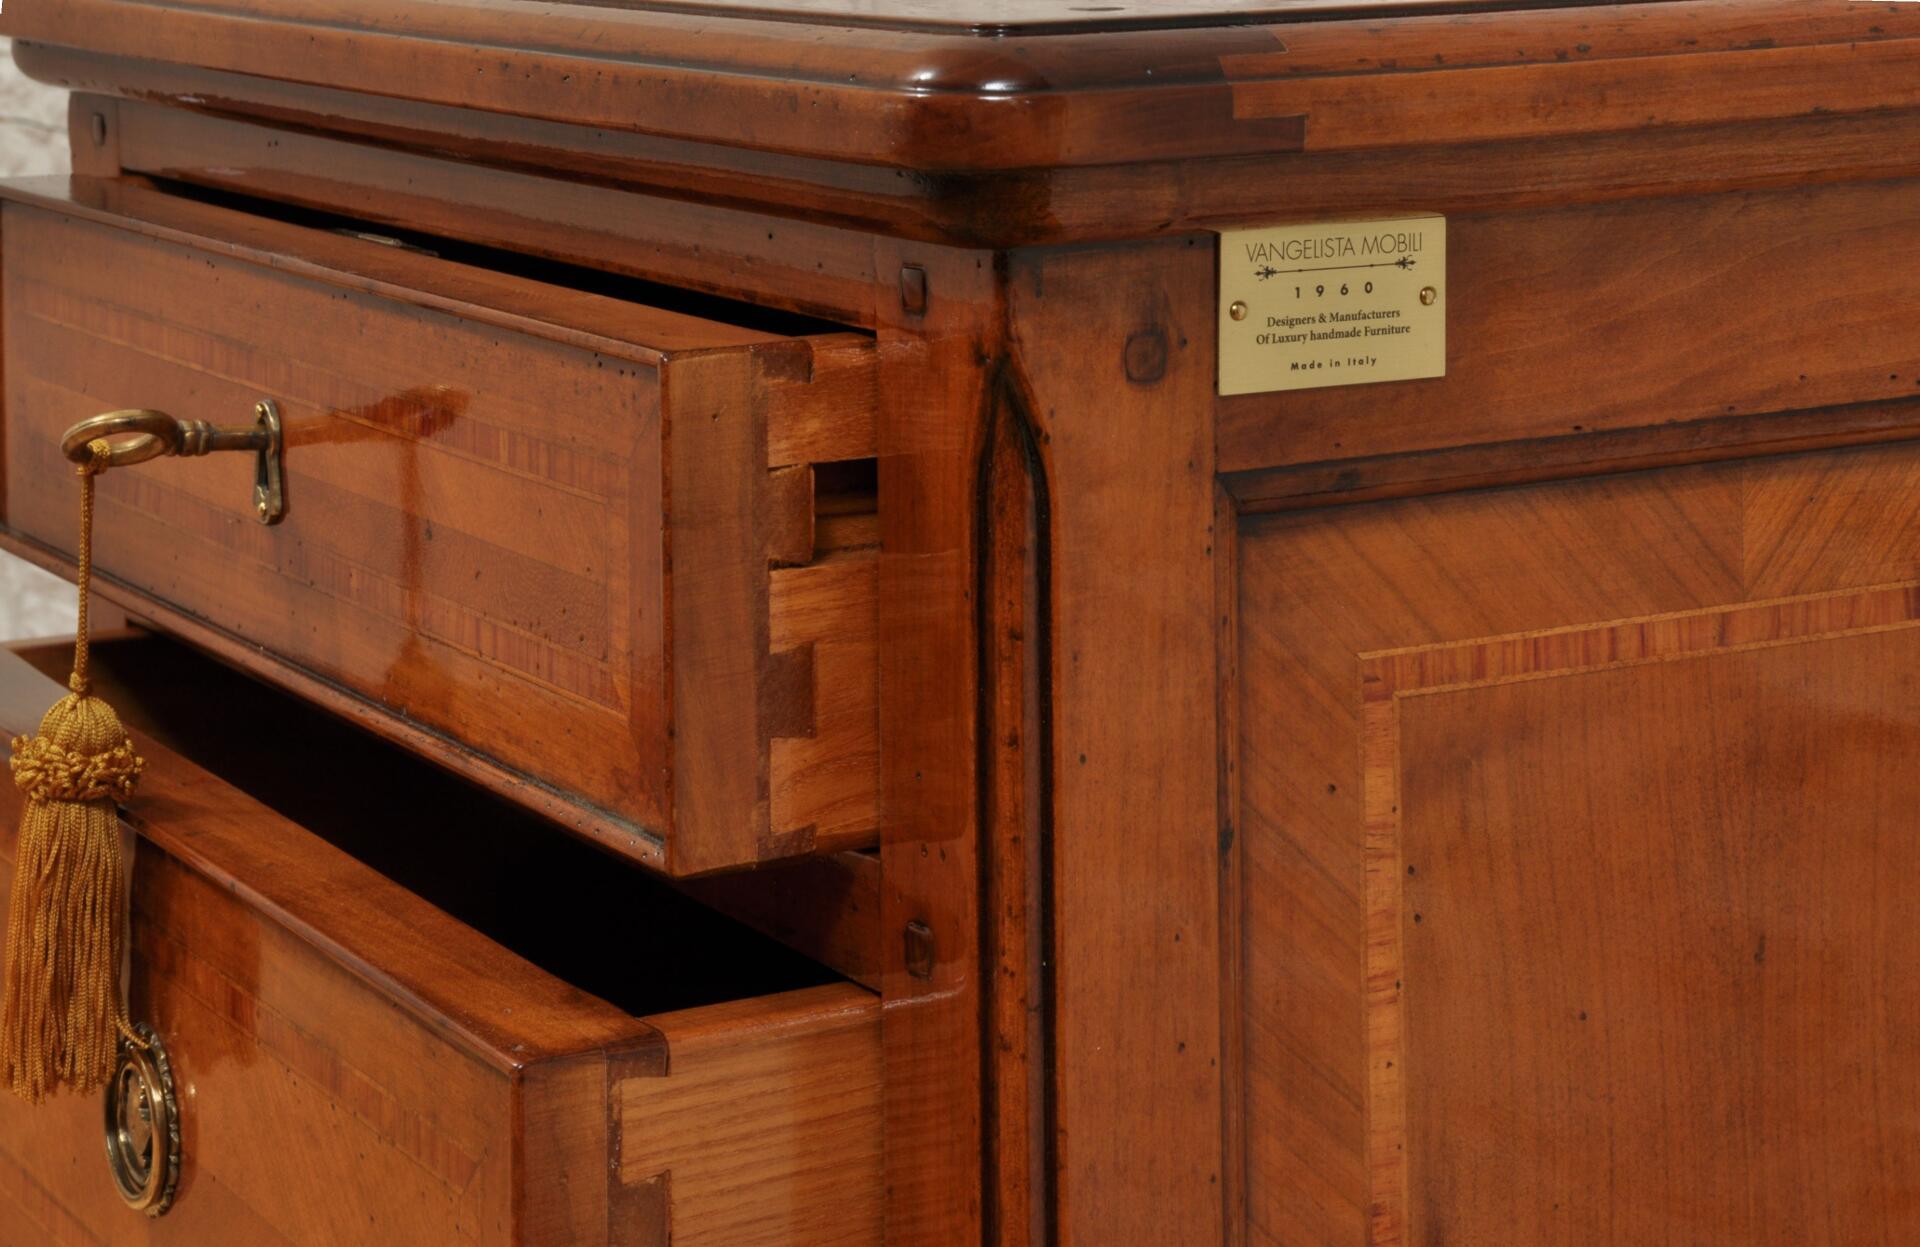 interni cassetti in essenza pregiata di frassino massello cassetti incastro a coda di rondine